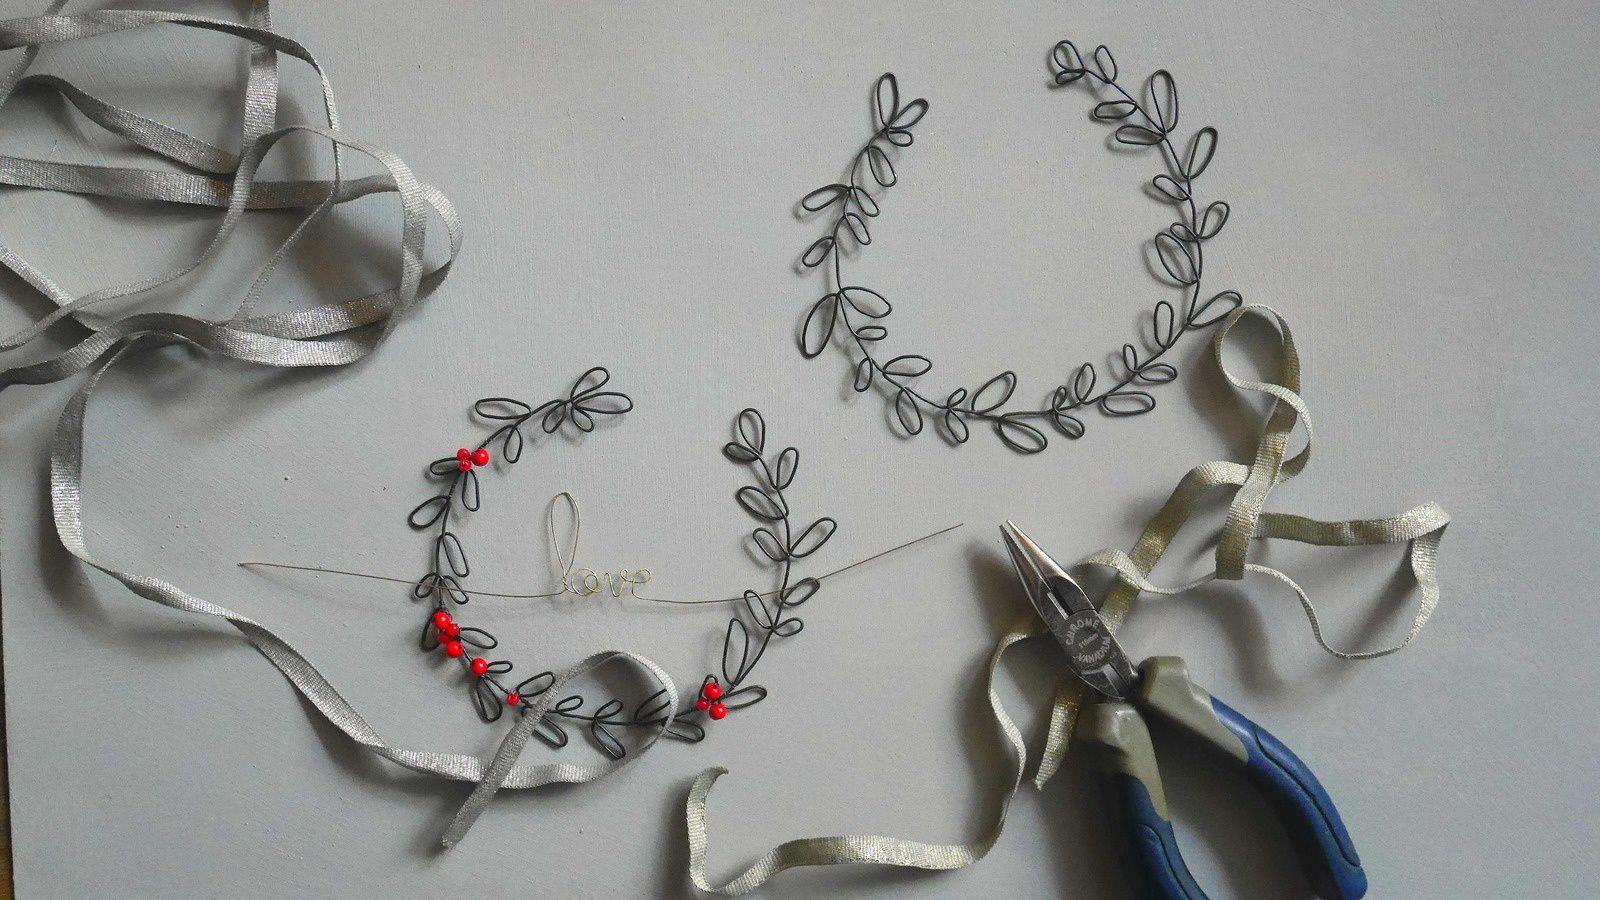 Le workshop du 2 décembre chez Nadine Delépine...réalisation de couronnes de rinceaux personnalisée en direct...